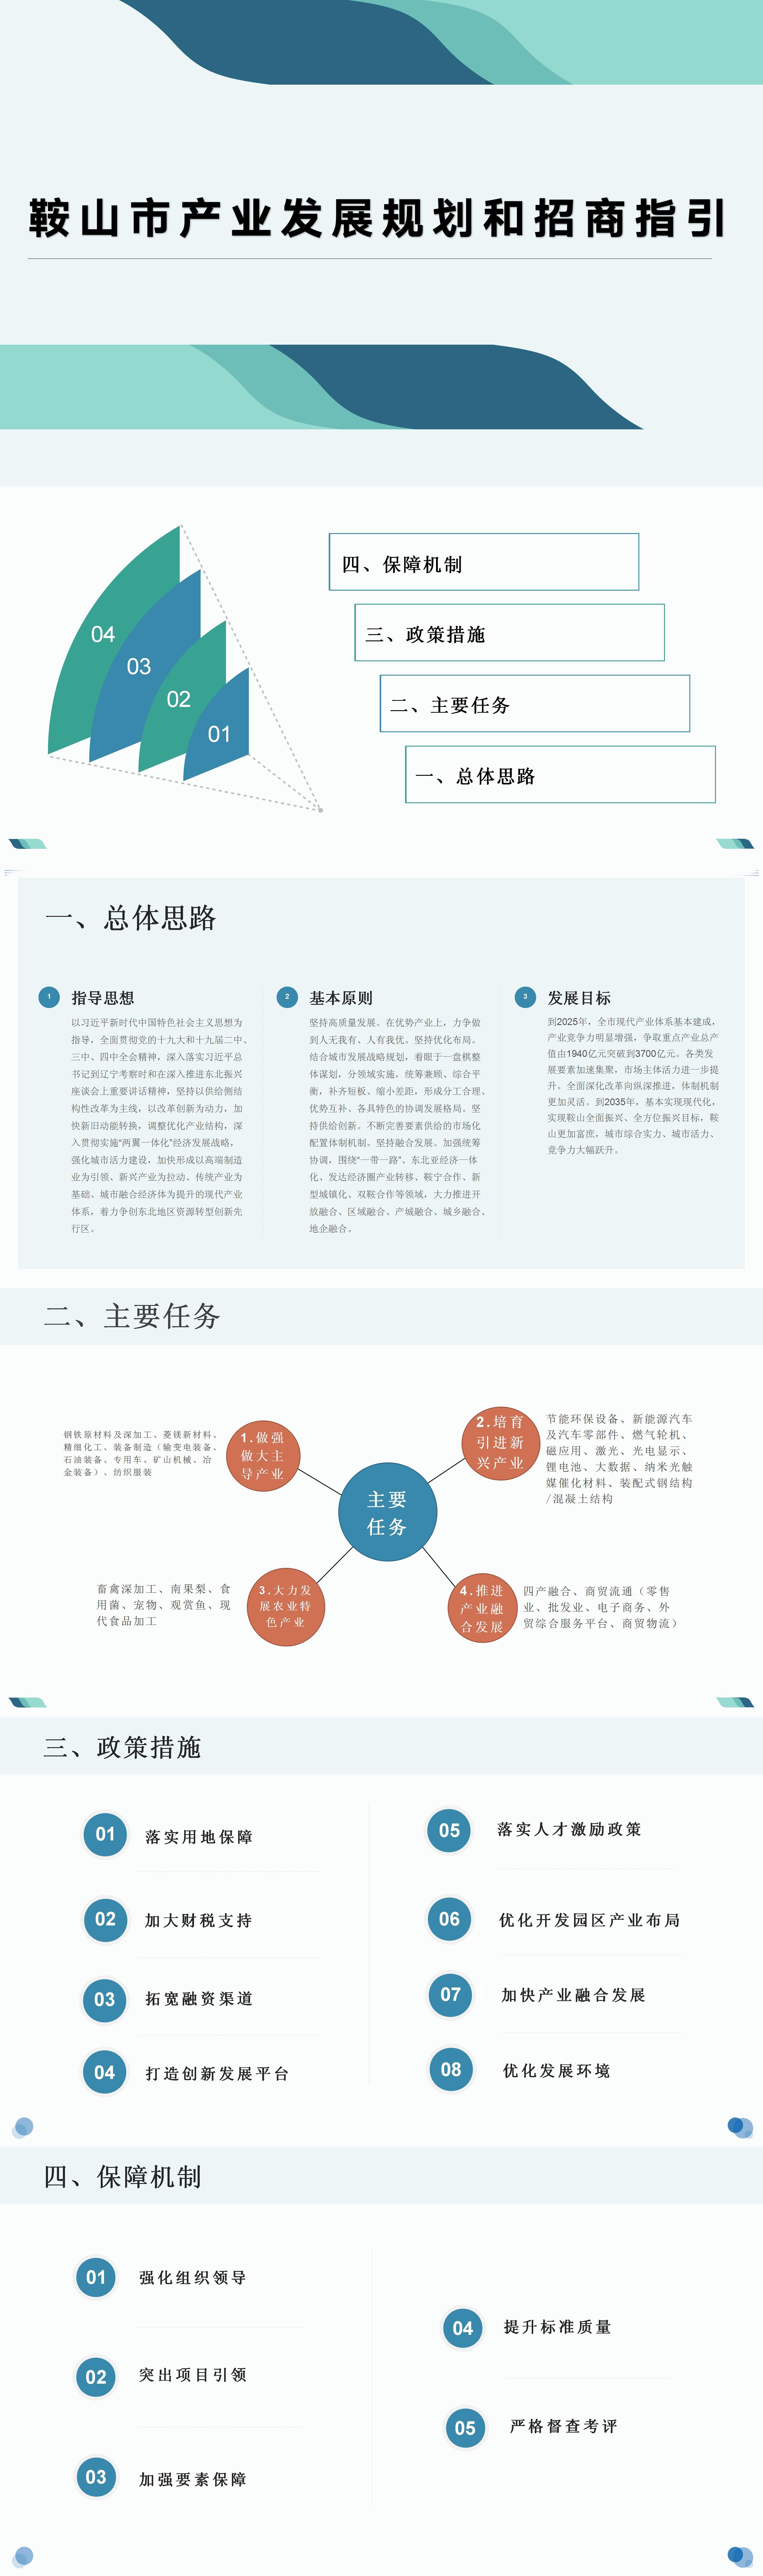 《鞍山市产业发展规划和招商指引》.jpg